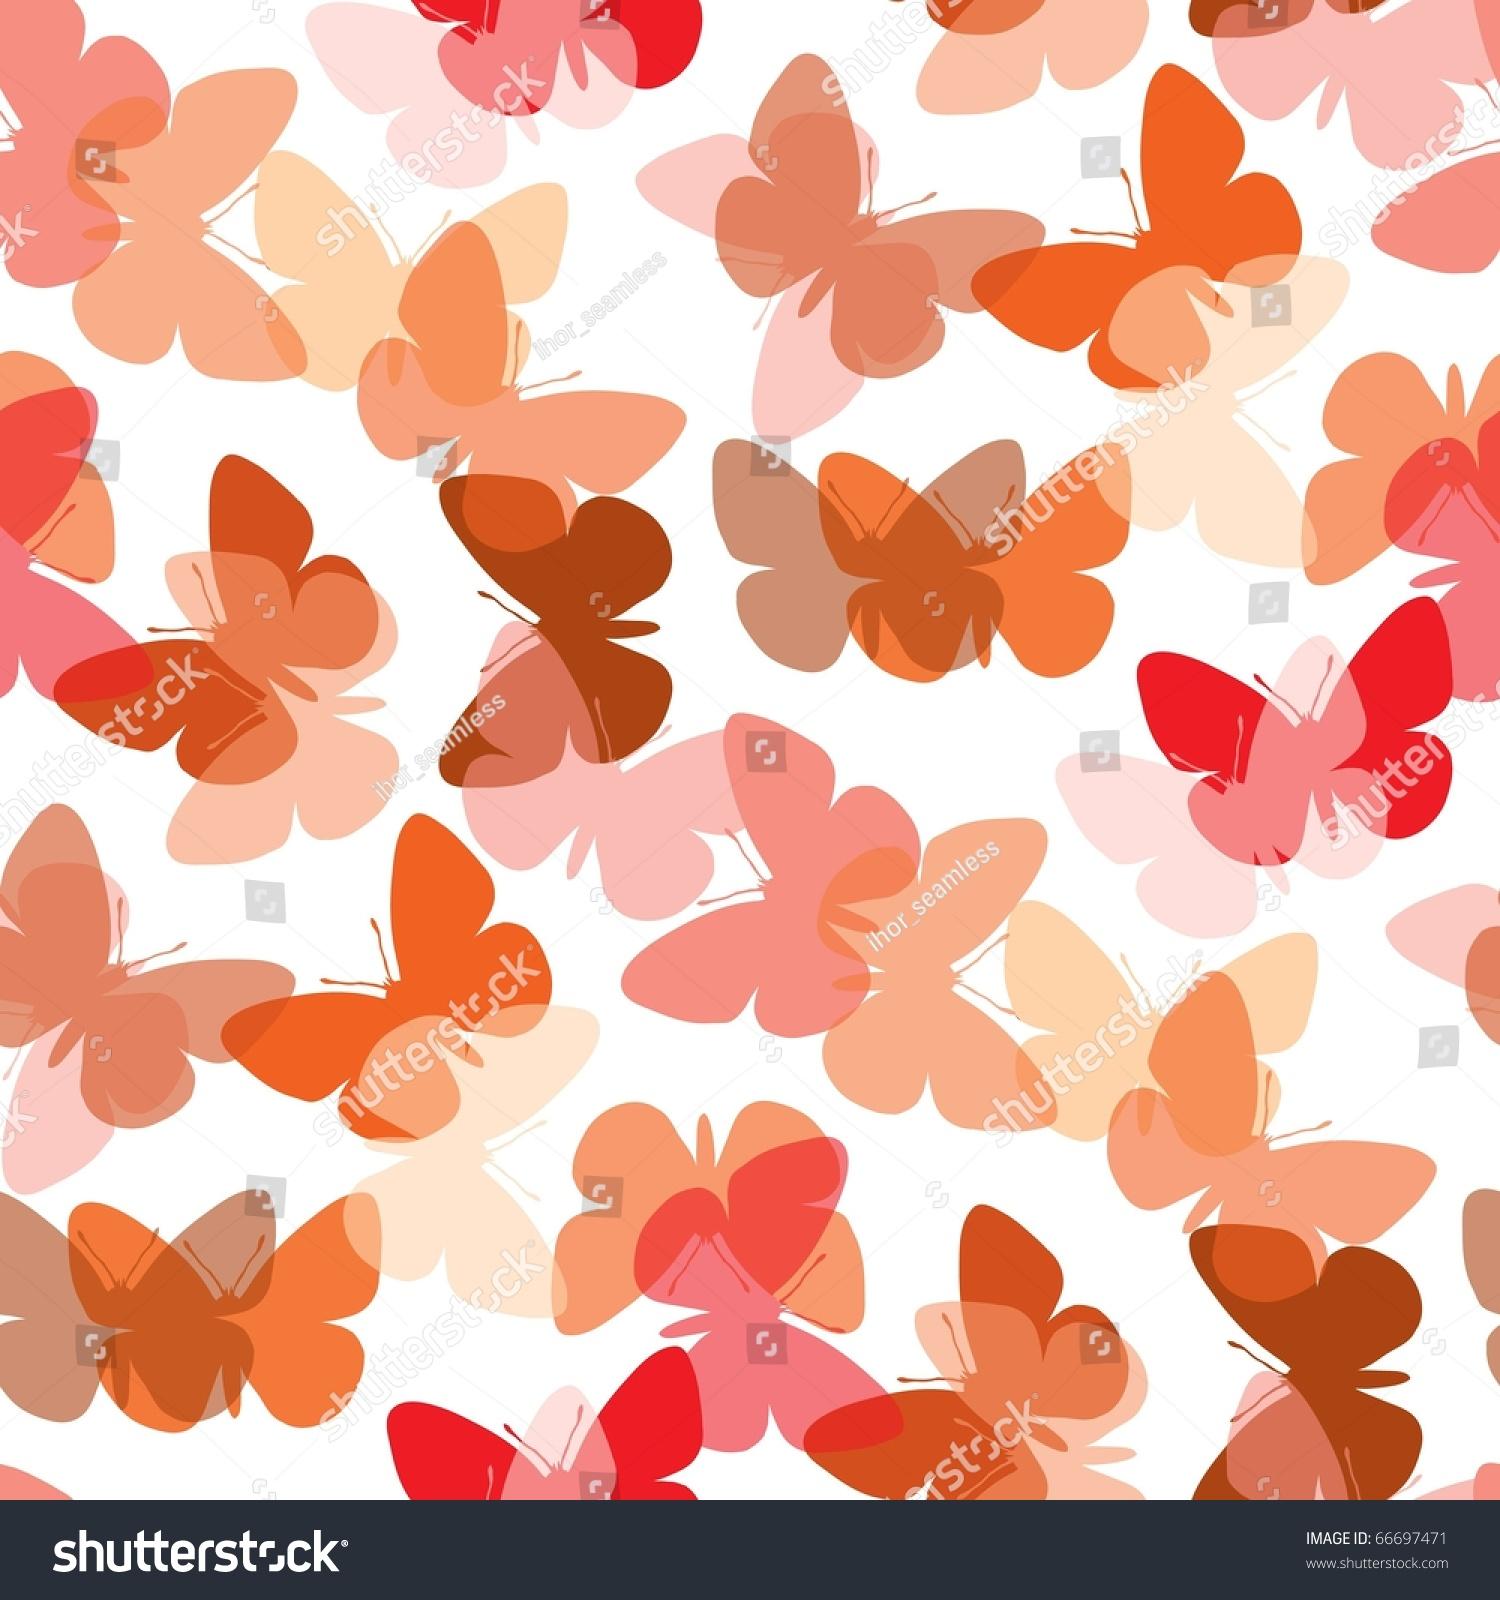 热无缝蝴蝶背景白色-背景/素材,插图/剪贴图-海洛创意